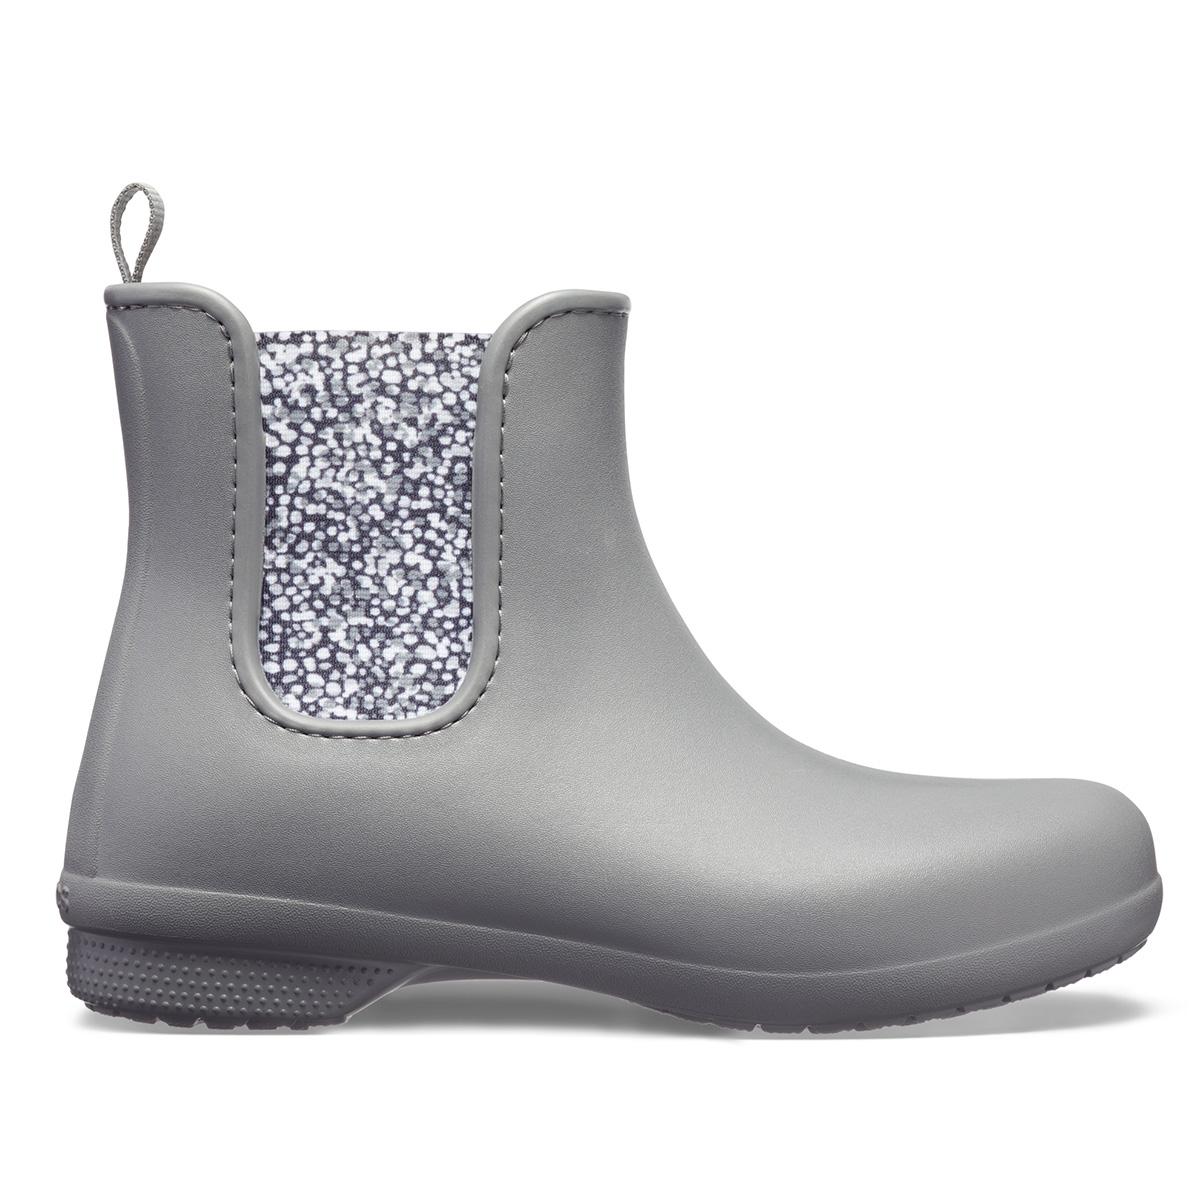 Crocs Freesail Chelsea Boot W - Barut Rengi/Benekli